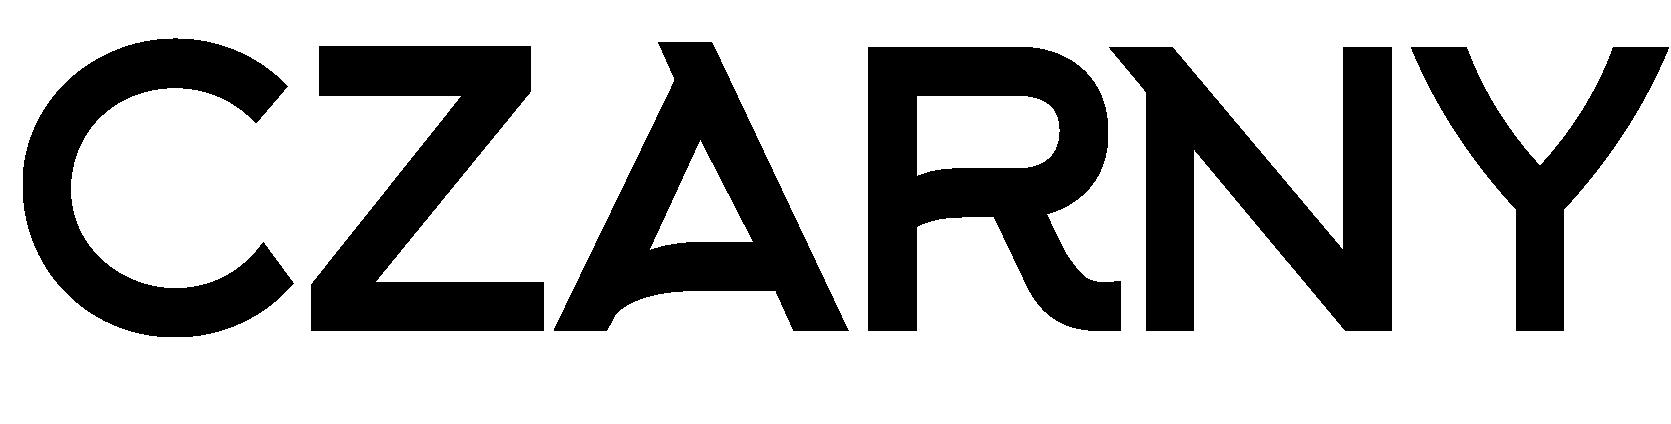 Okay Taxi - logo czarny czarny